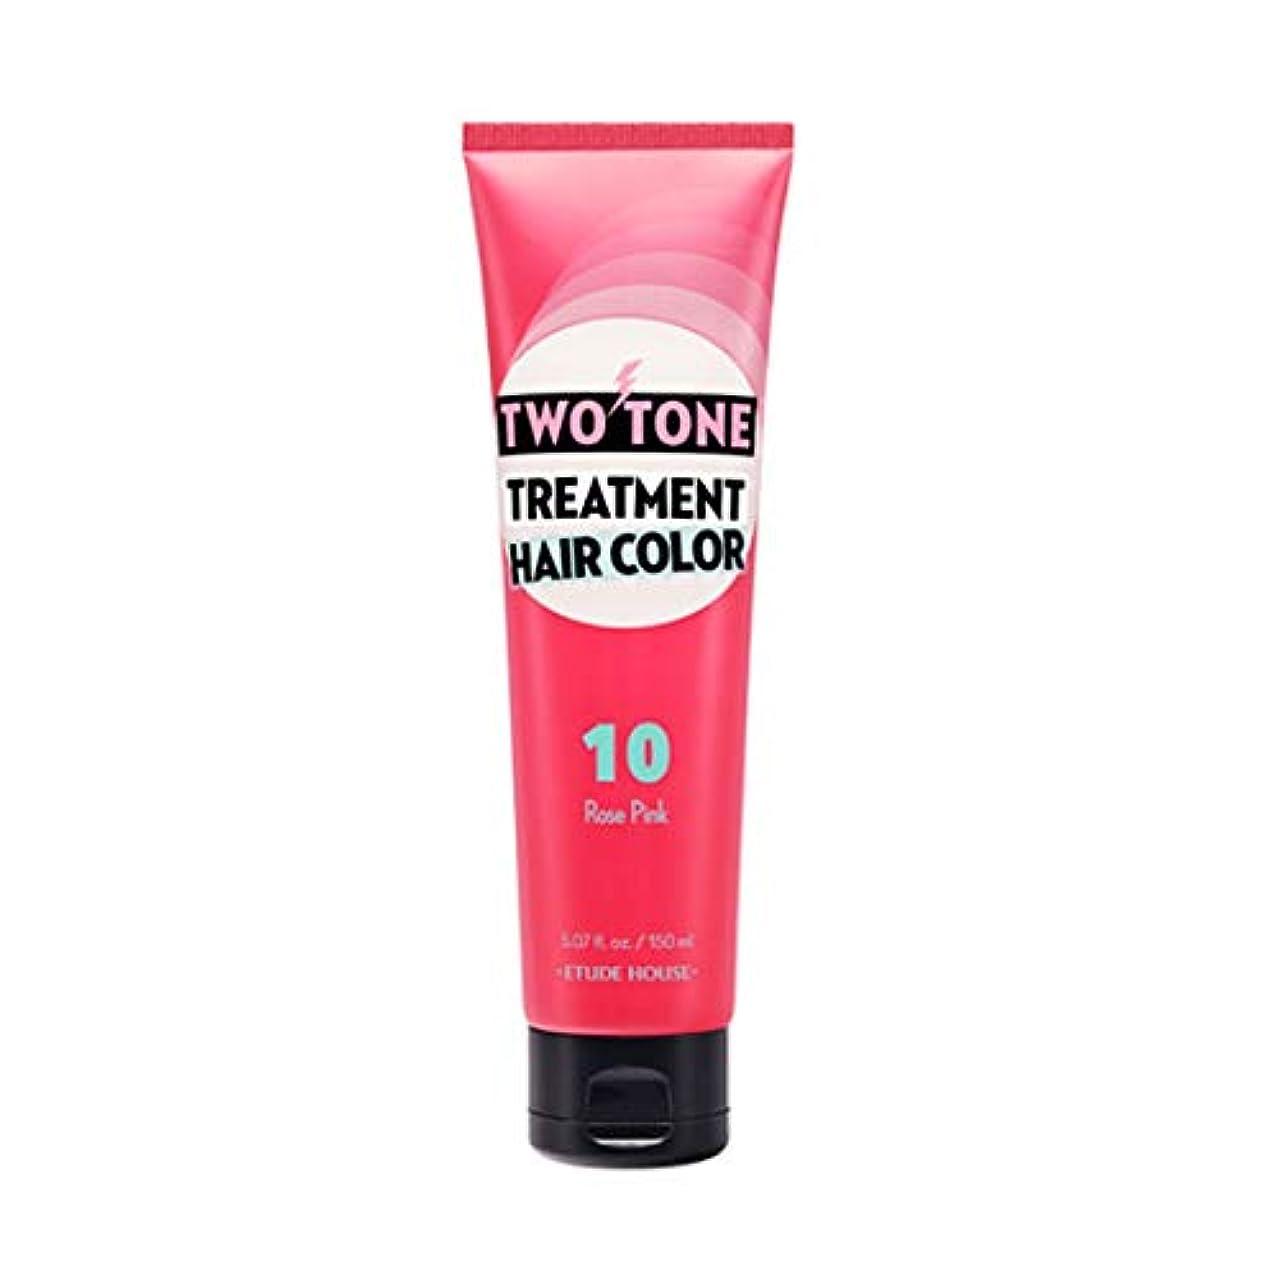 哲学的エール混合ETUDE HOUSE Two Tone Treatment Hair Color (#10 Rose Pink) エチュードハウス ツートントリートメントヘアカラー150ml (#10 ローズピンク)